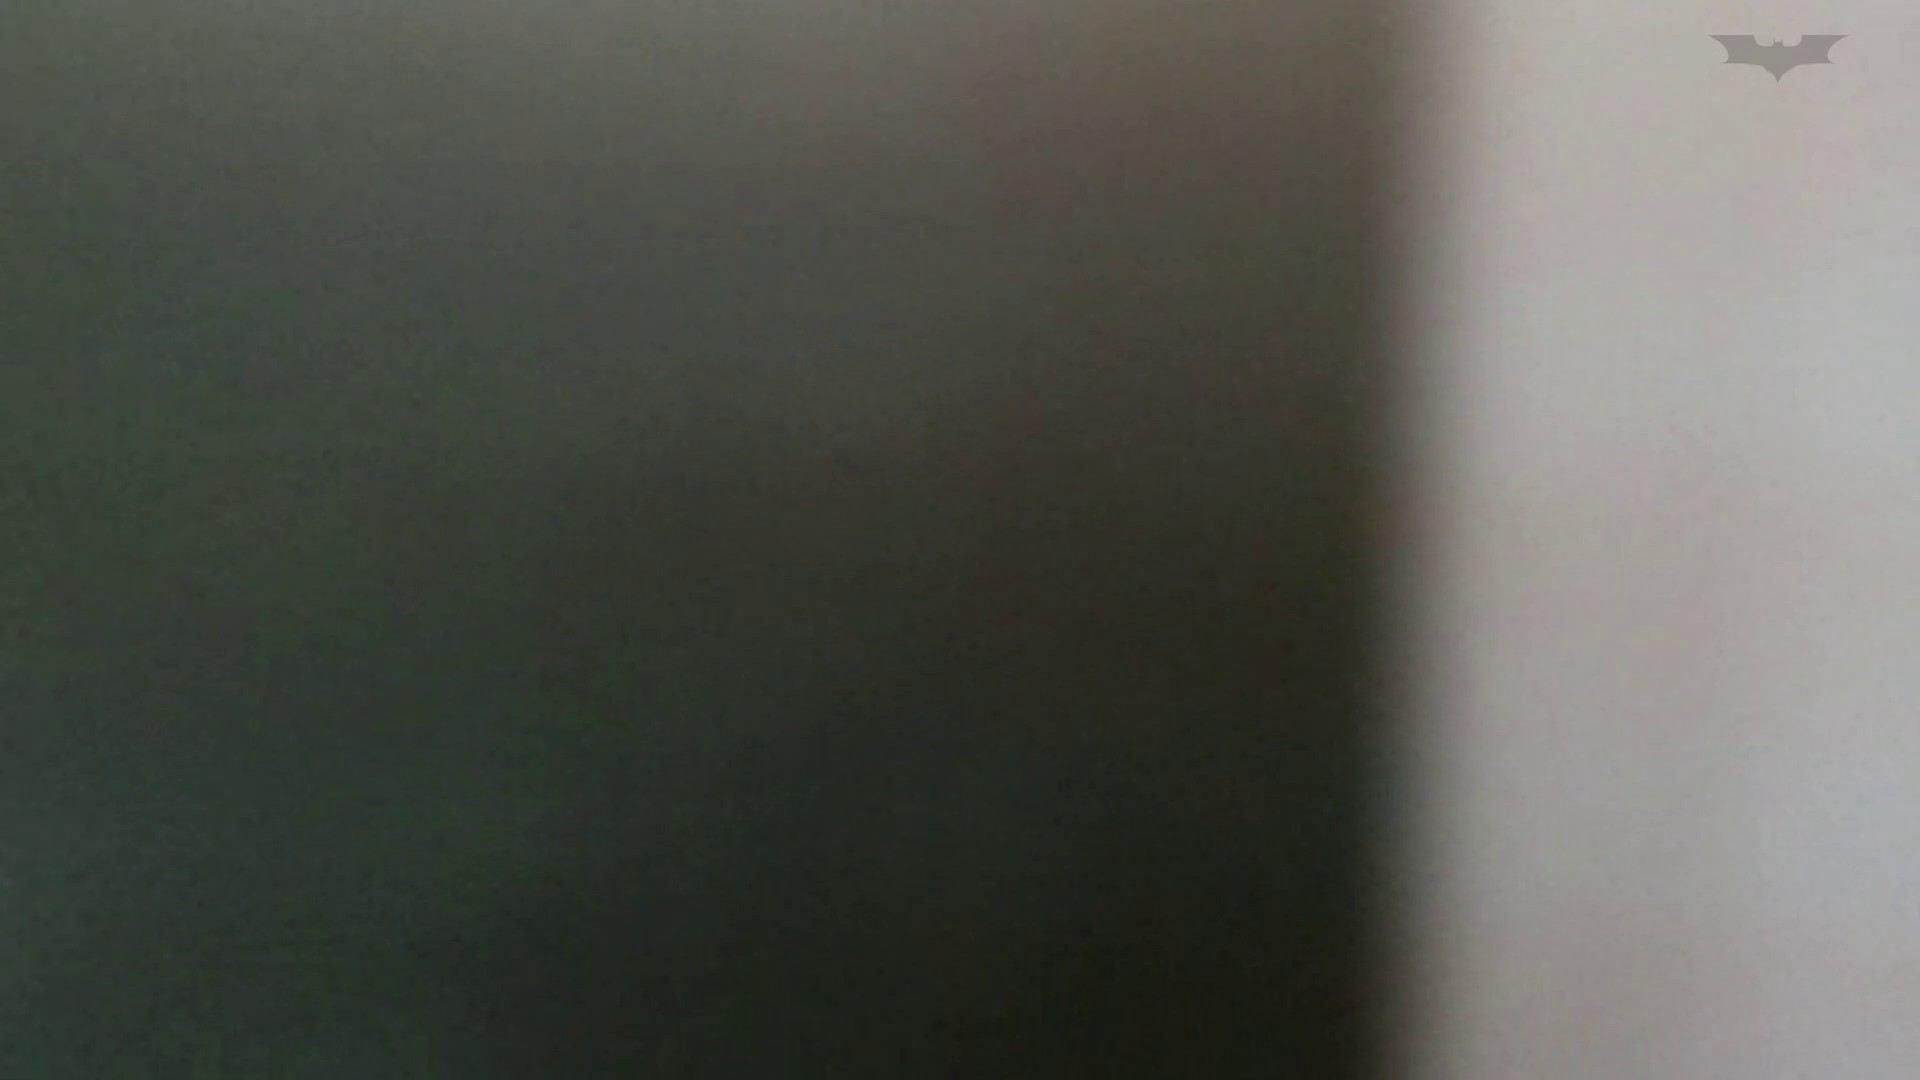 ▲復活限定▲化粧室絵巻 駅舎編 VOL.08 高画質 | ギャル  36画像 15